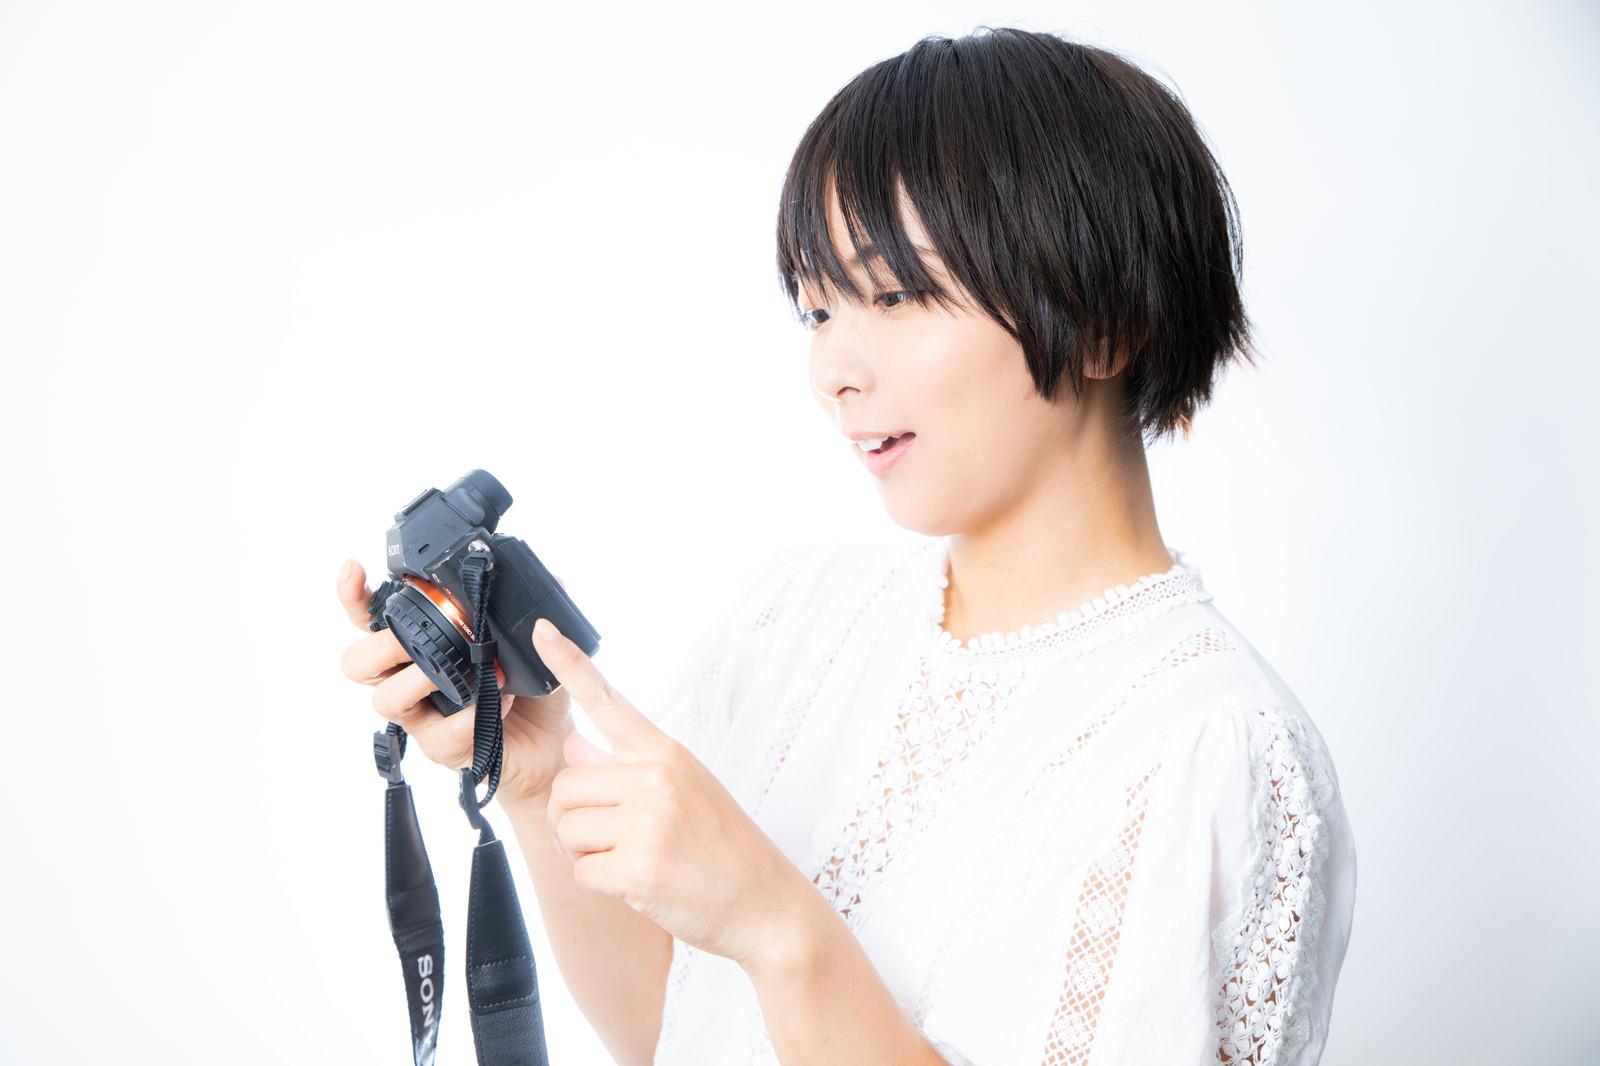 「撮影した写真を嬉しそうに眺めるカメラ女子撮影した写真を嬉しそうに眺めるカメラ女子」[モデル:にゃるる]のフリー写真素材を拡大